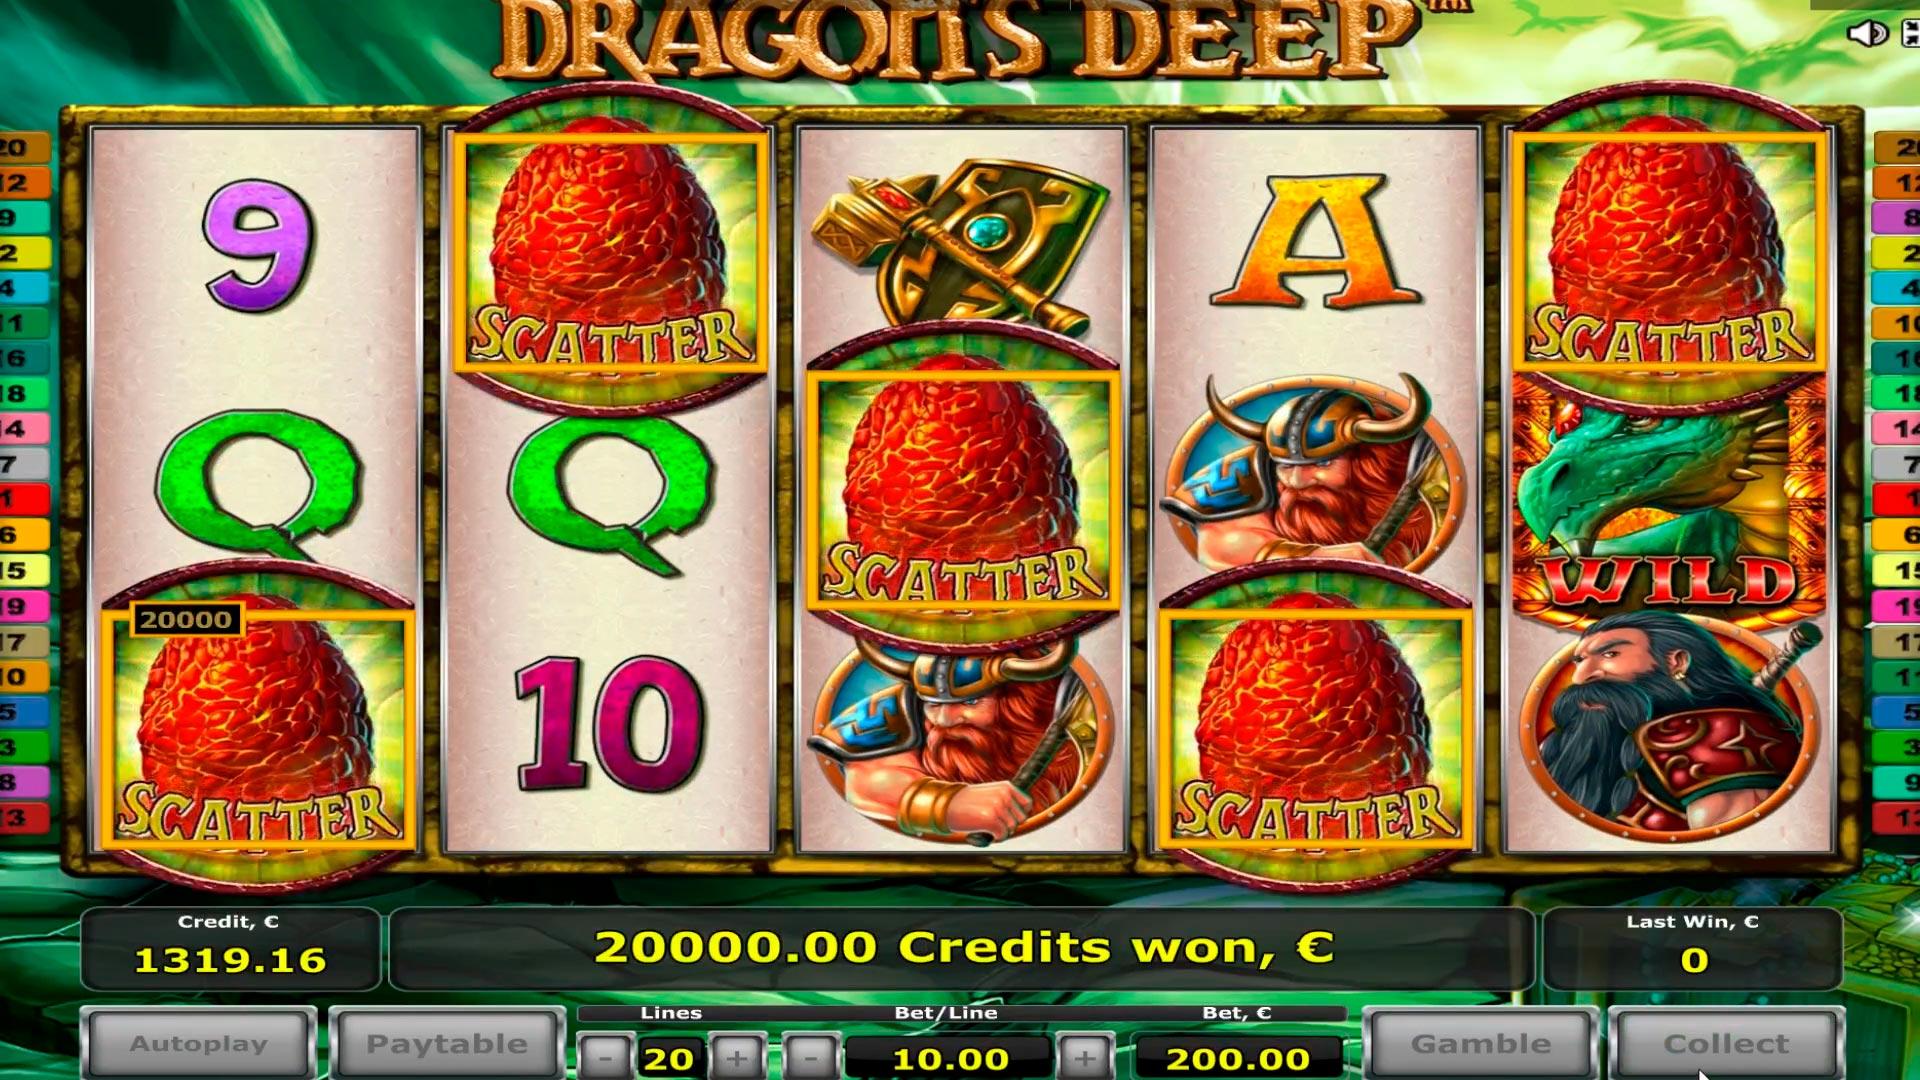 Dragons derin casino slot büyük galibiyet !!! 5 scatters !!! € 40.000 kazanın!